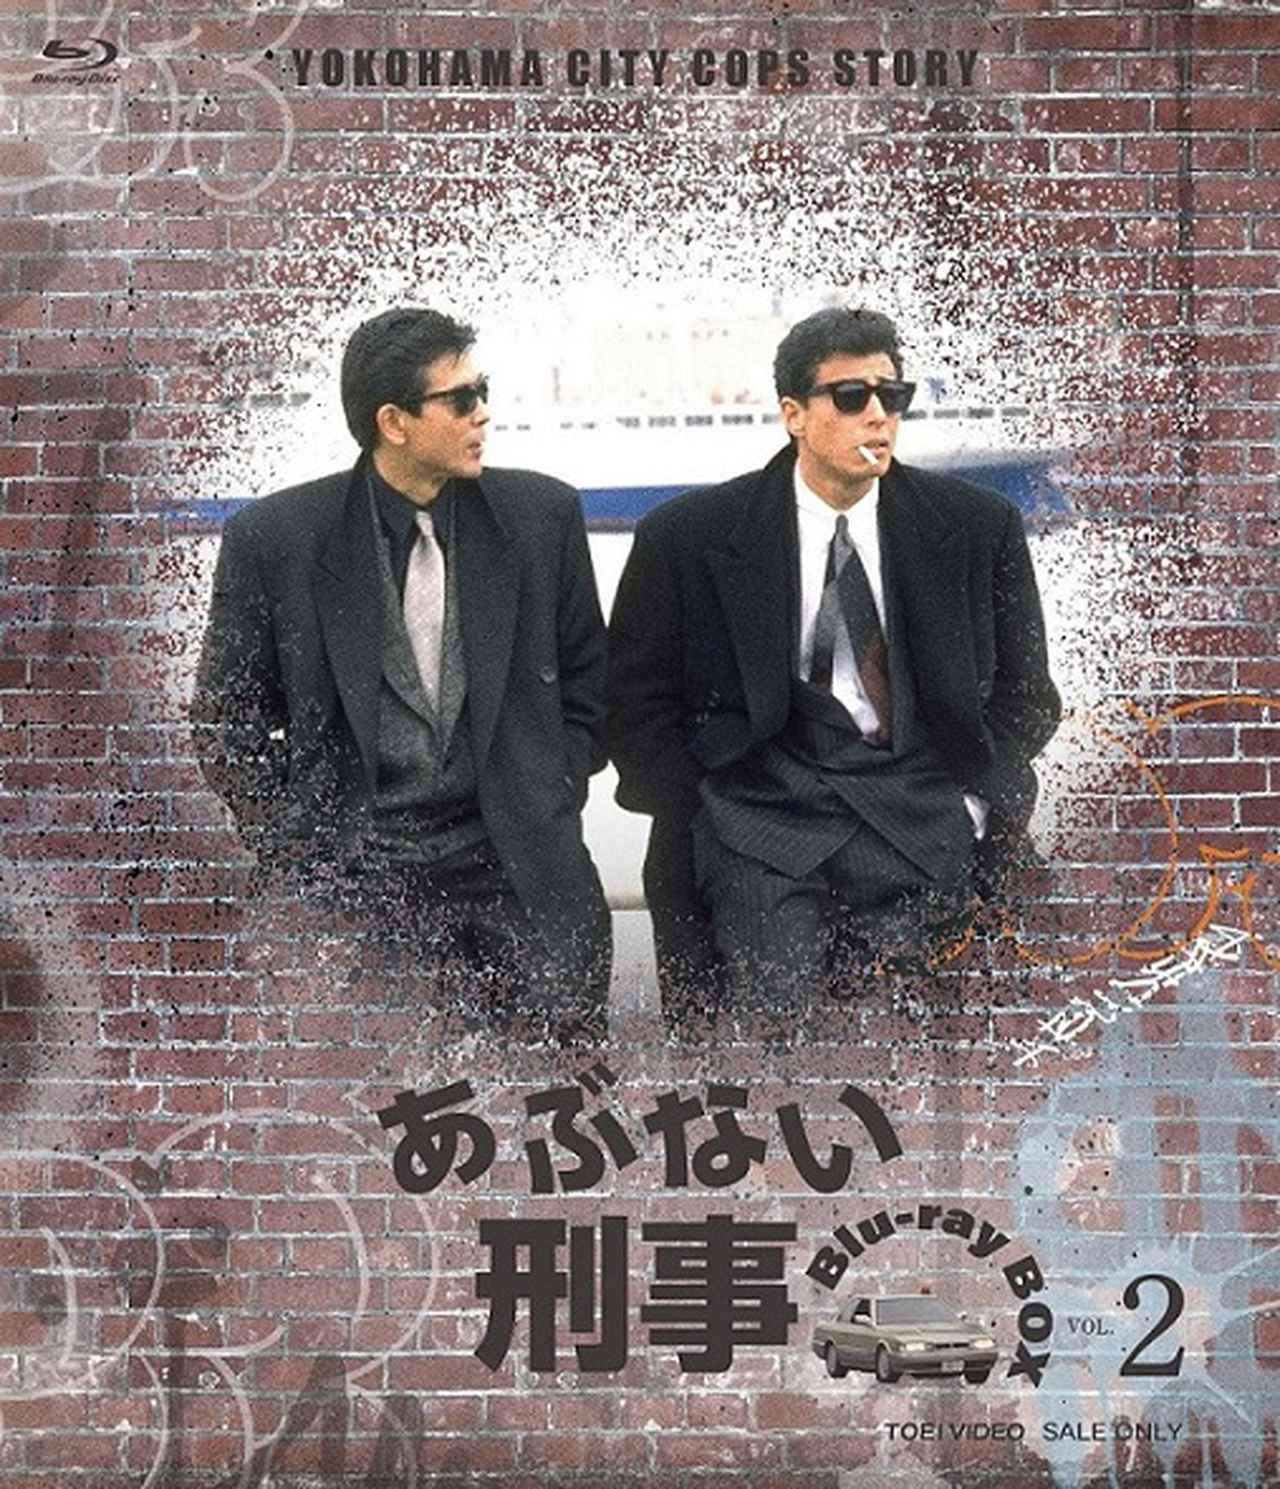 画像4: 「あぶない刑事」&「もっとあぶない刑事」、HDリマスター版Blu-rayが発売決定!タカ&ユージのフィギュアも登場